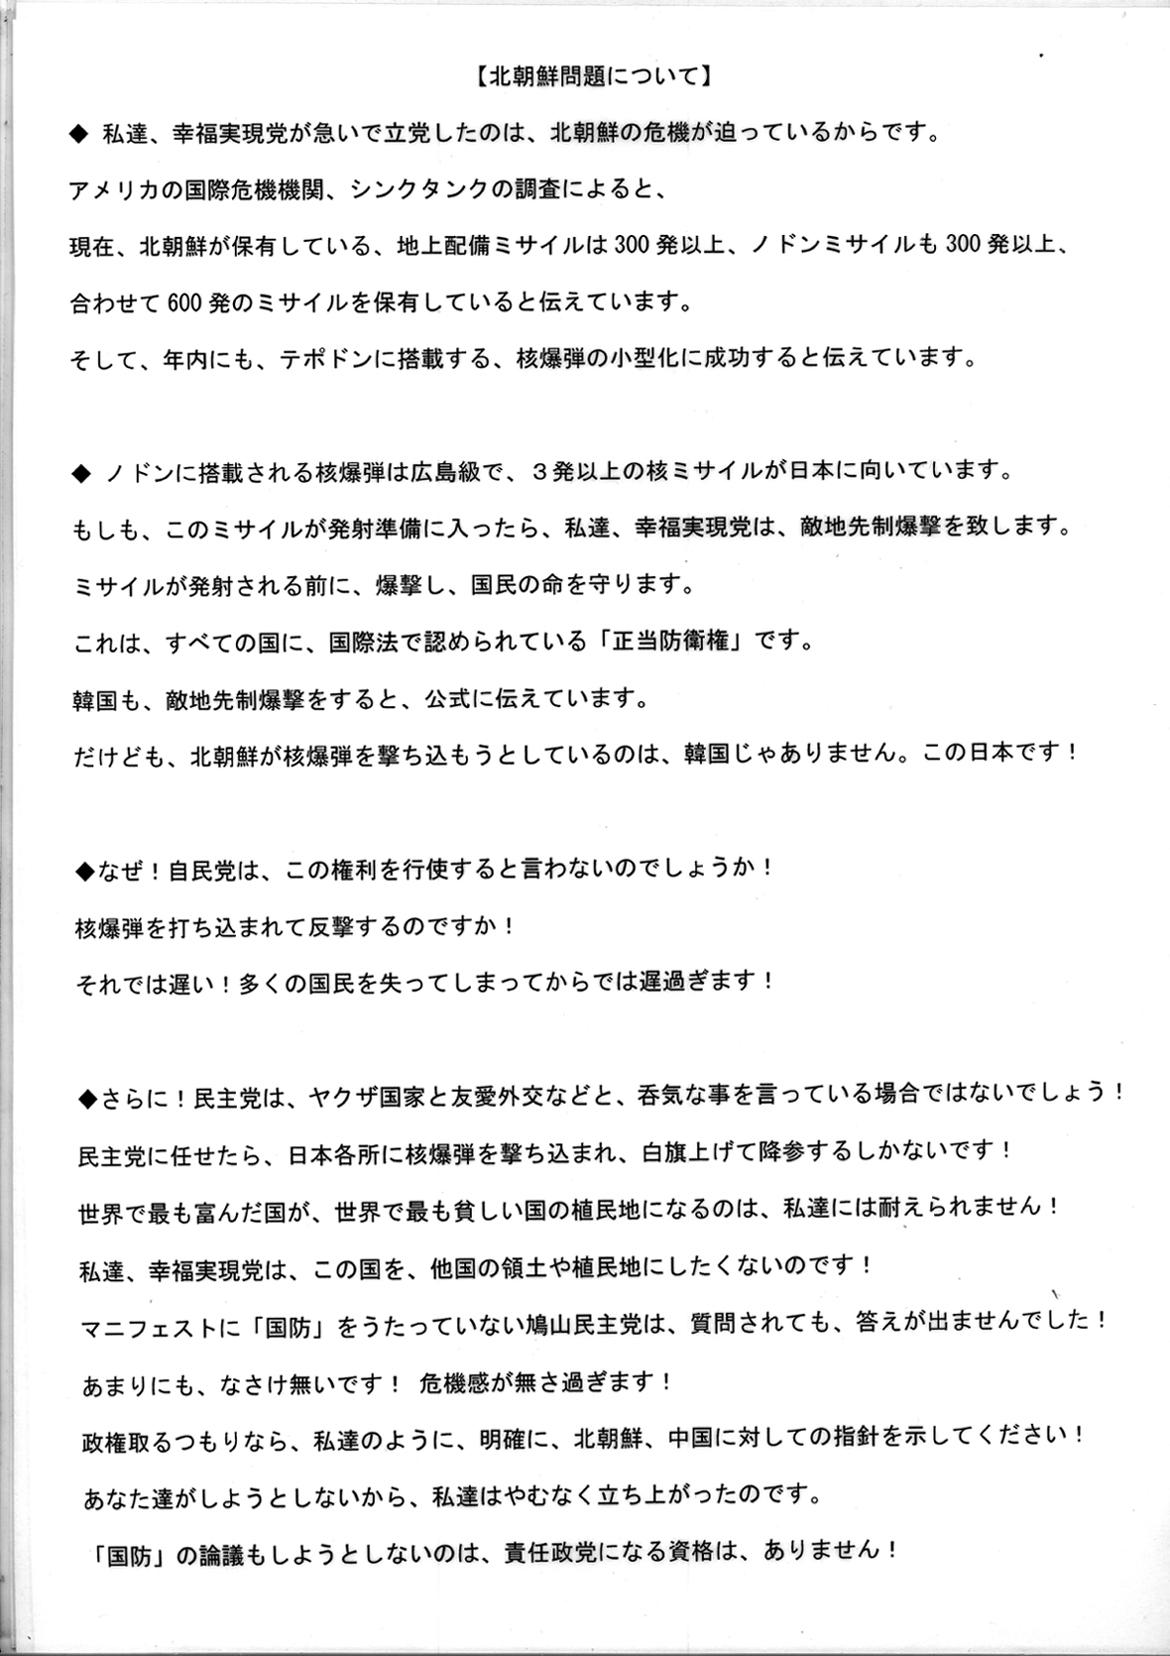 2012-08-07-05.jpg